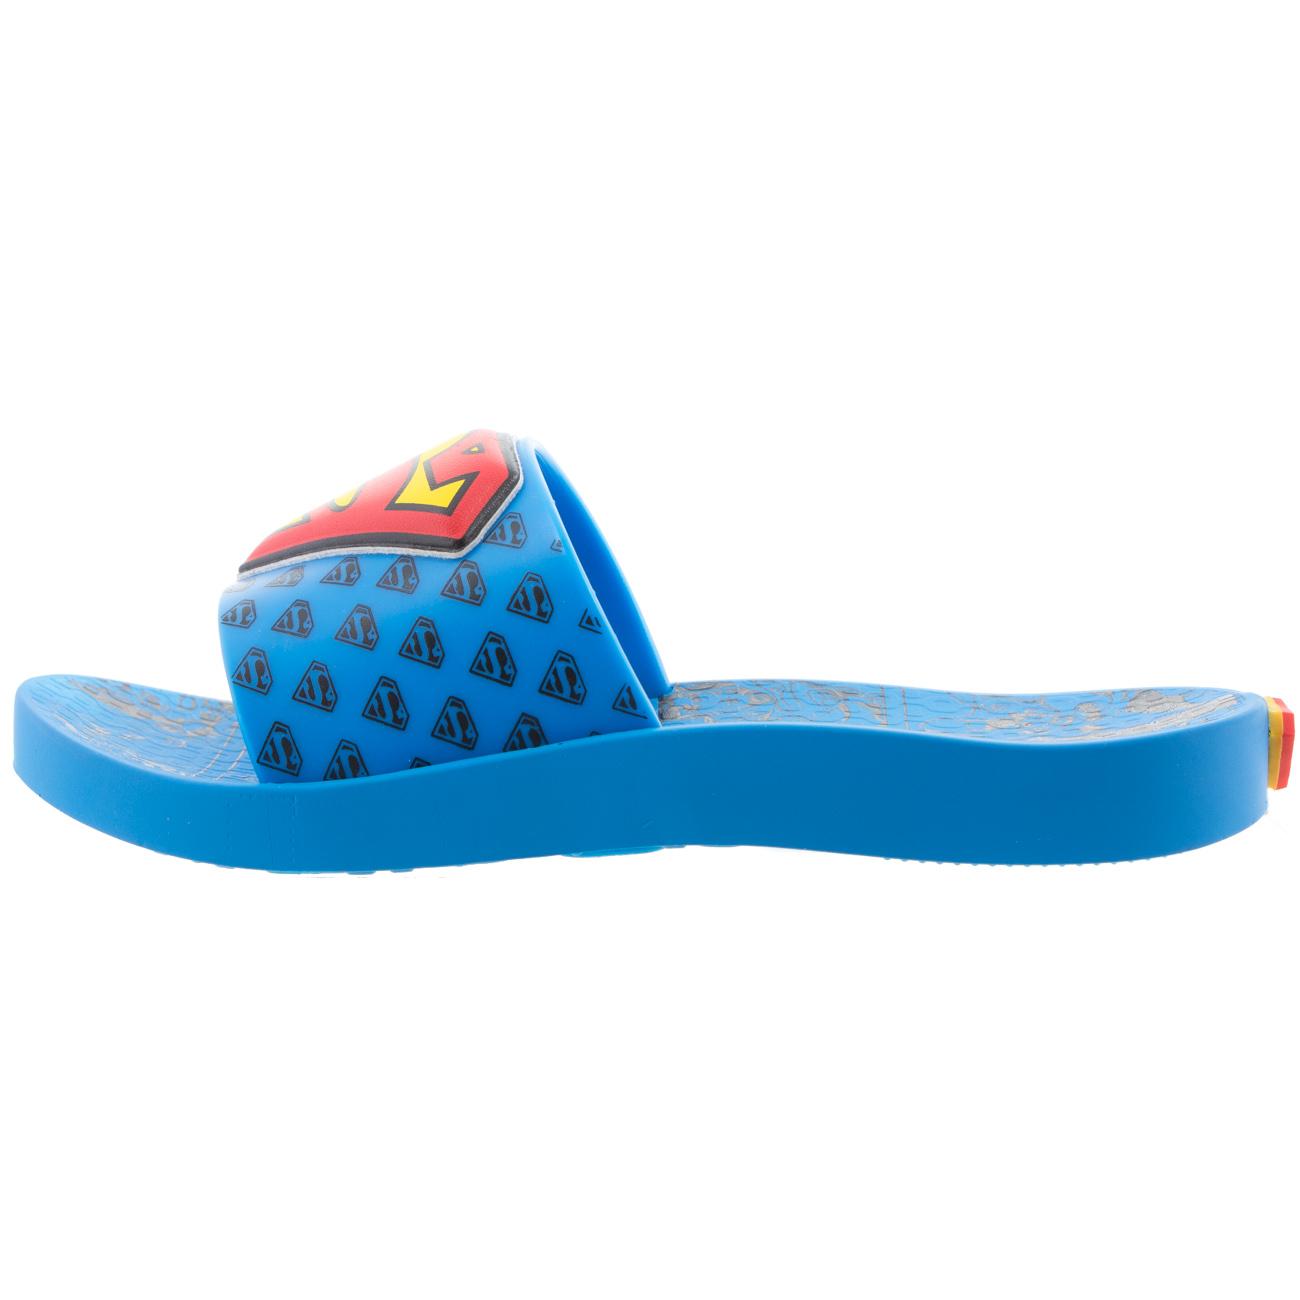 Αγόρι παντόφλα θαλάσσης Ipanema Superman 780-19404-38-2